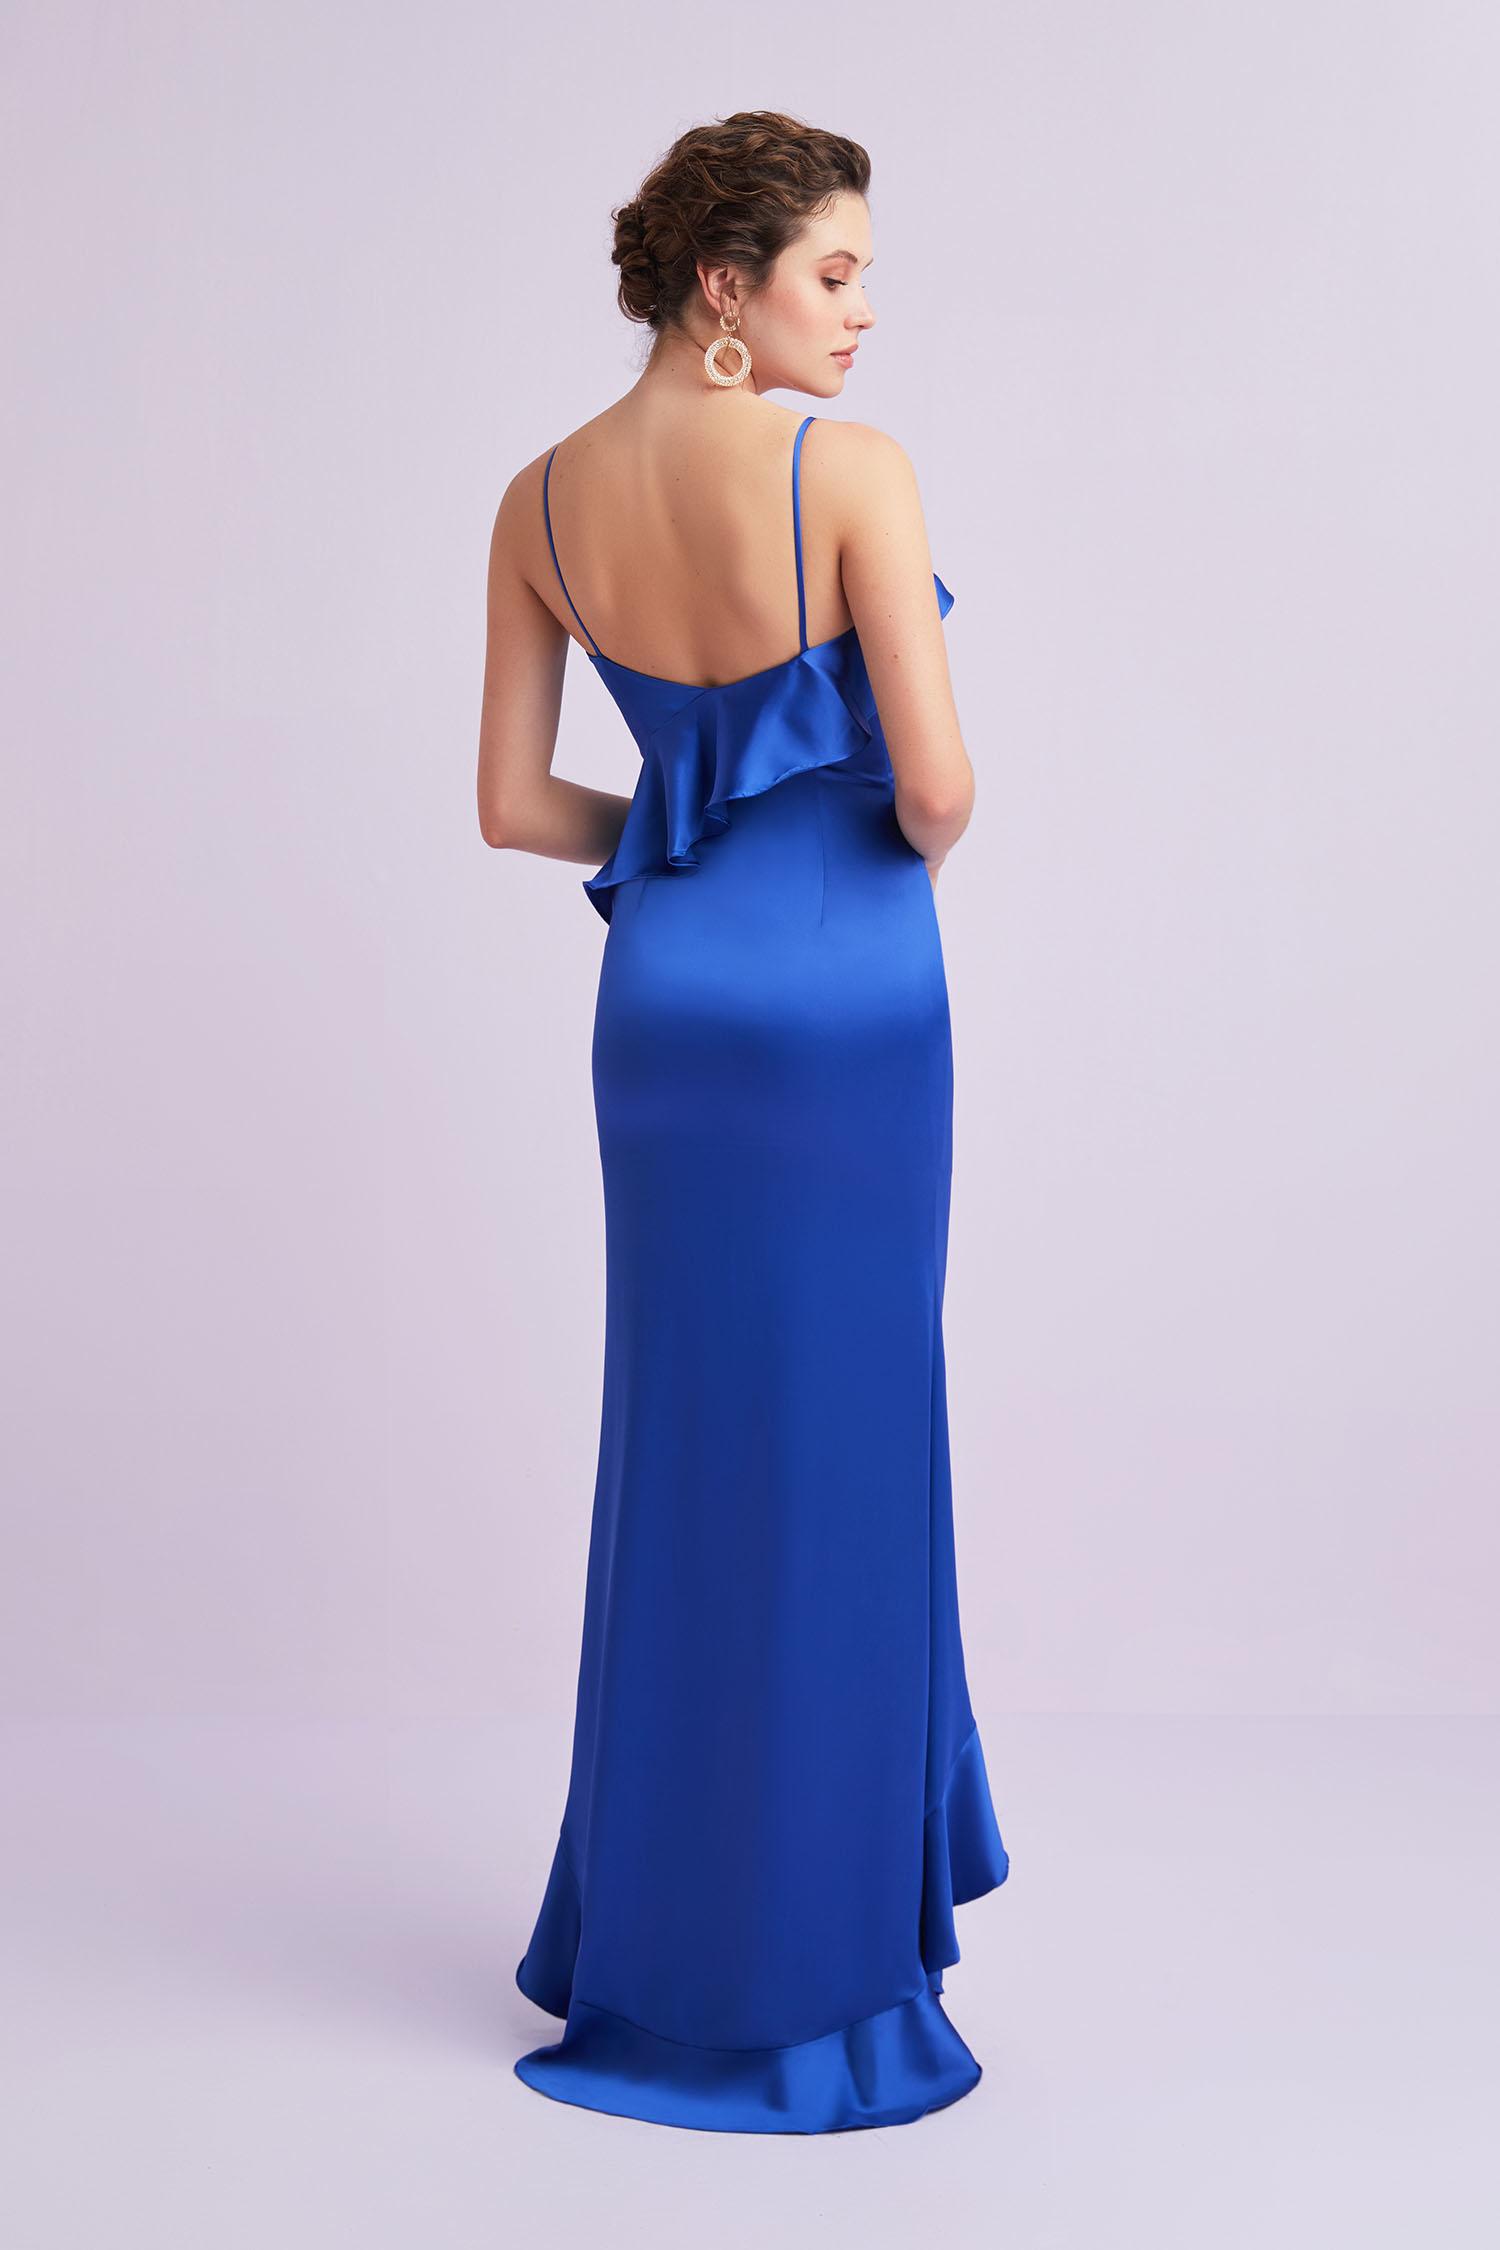 Mavi İnce Askılı Fırfırlı Yırtmaçlı Saten Abiye Elbise - Thumbnail